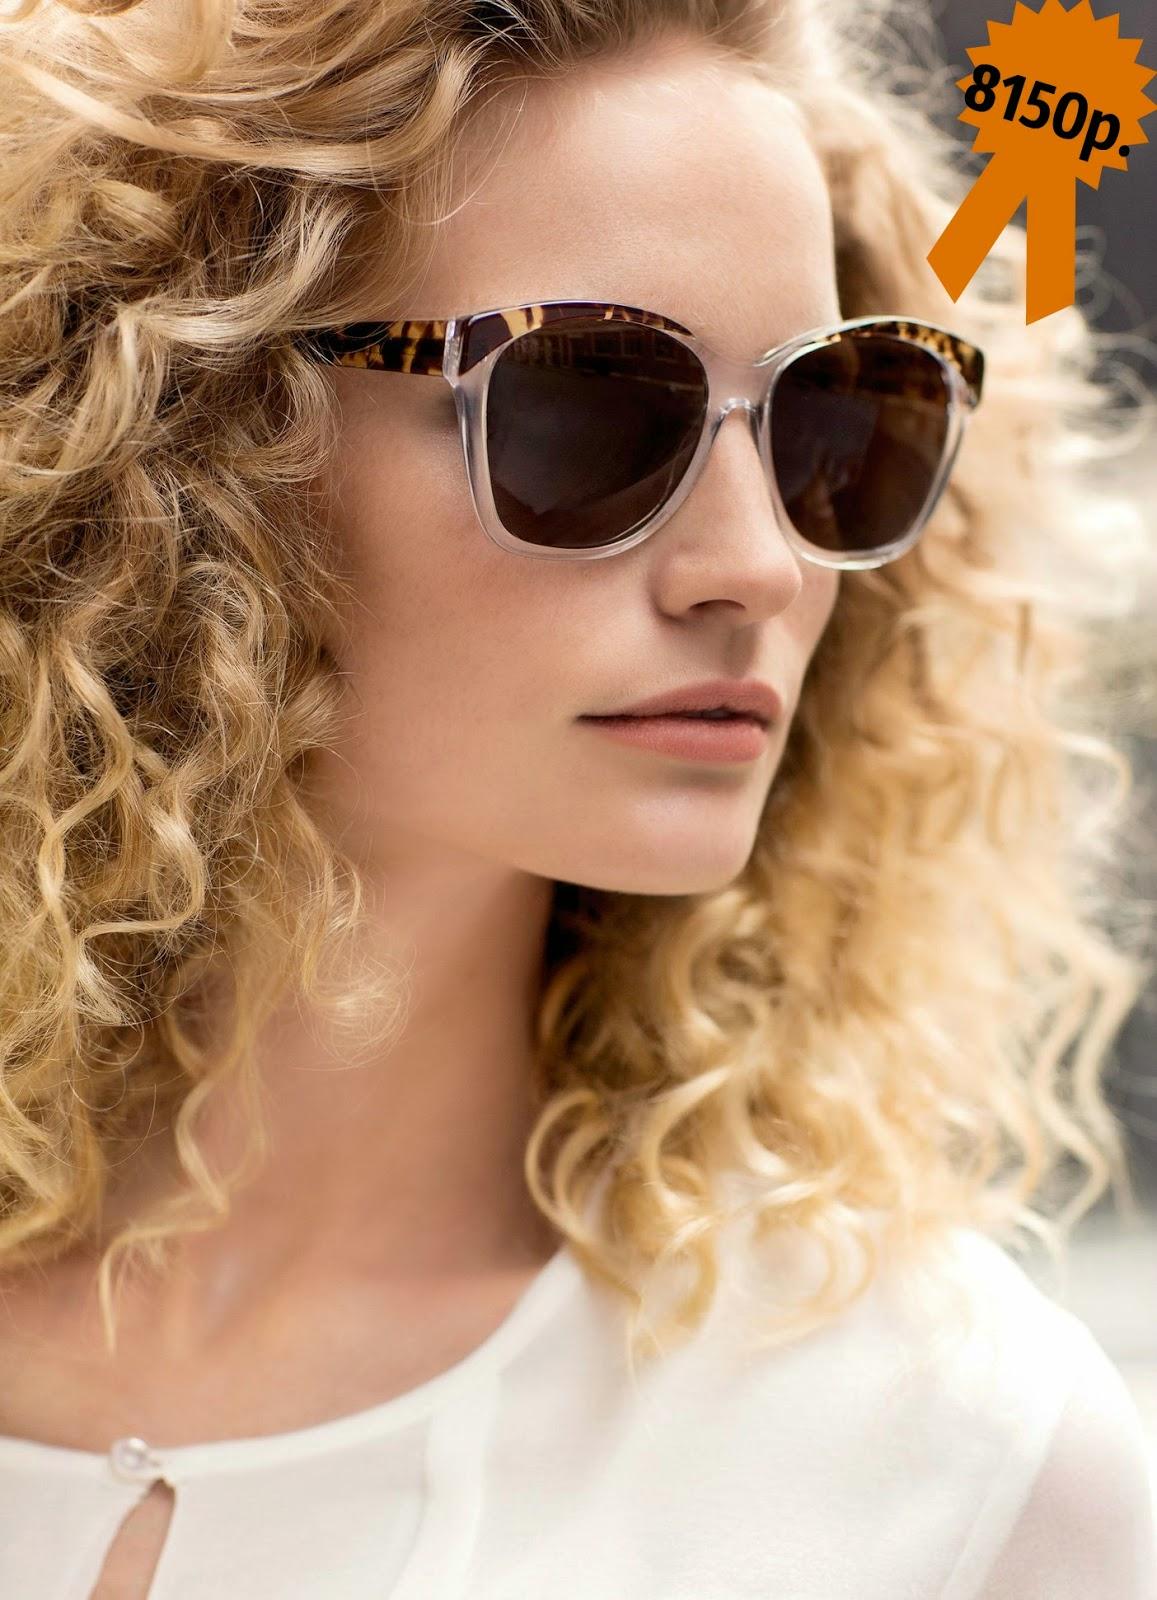 Массивные солнечные очки Elegance ретро стиль